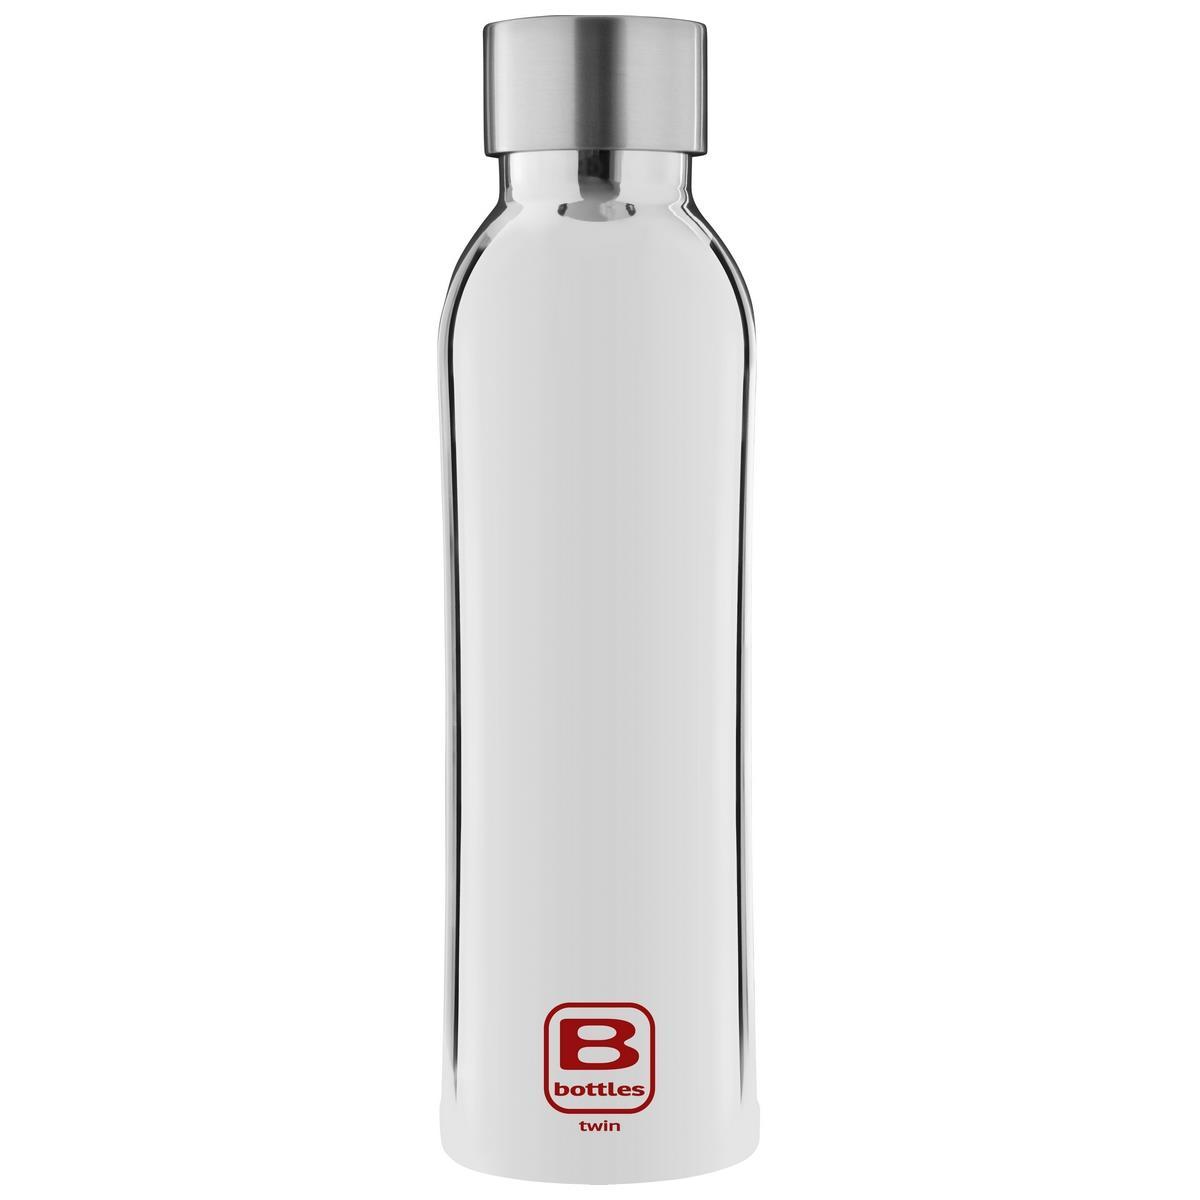 B Bottles Twin - Silver Lux - 500 ml - Bottiglia Termica a doppia parete in acciaio inox 18/10